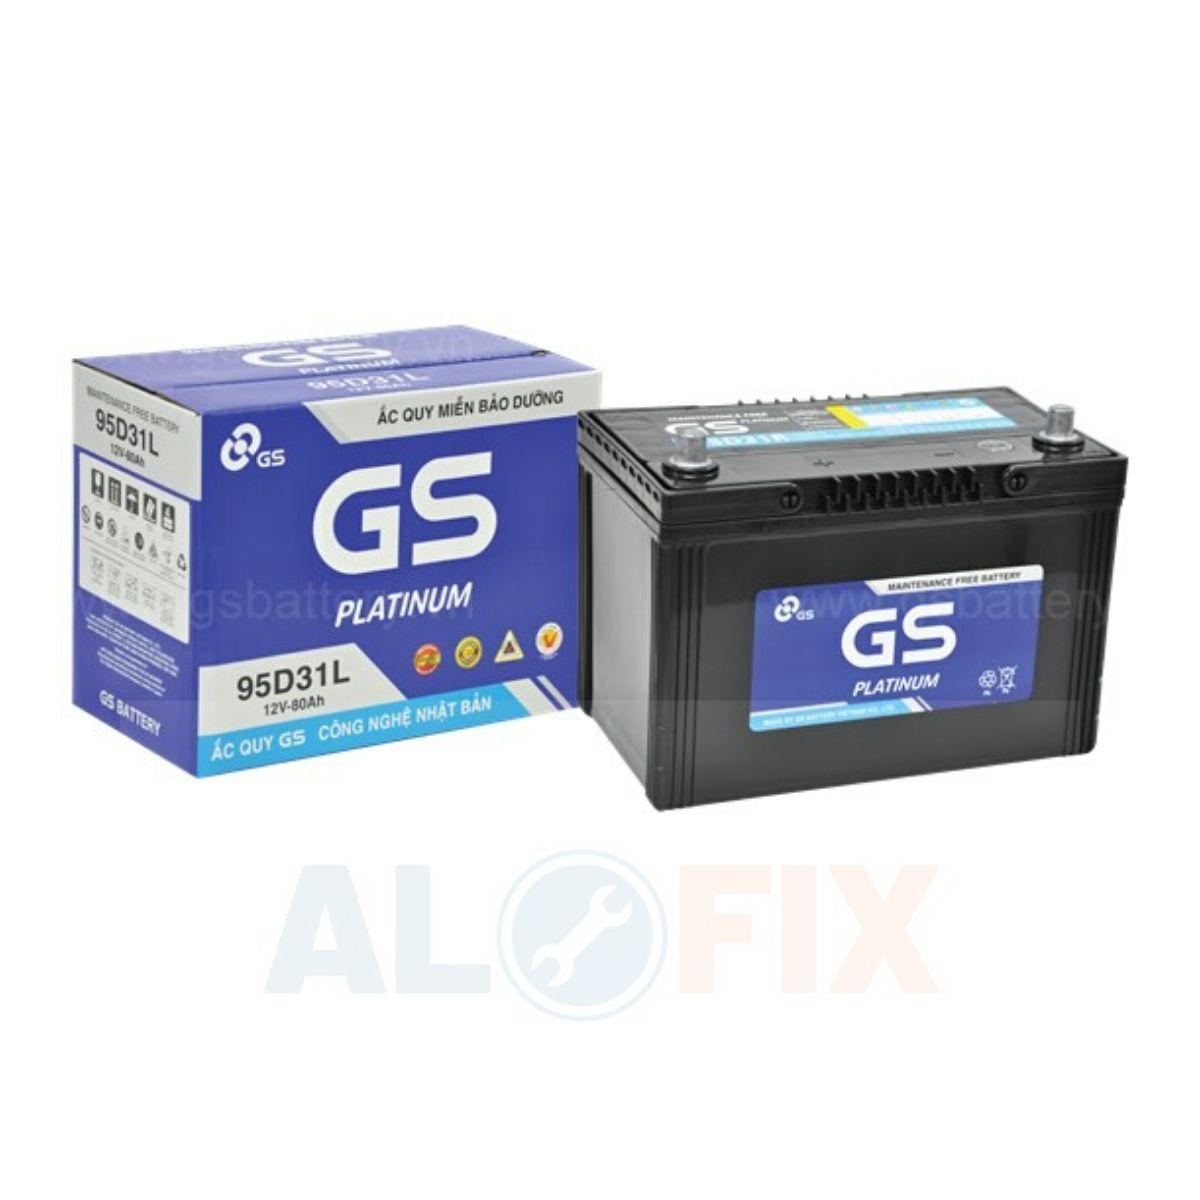 acquy GS khô kín khí 95D31 R/L